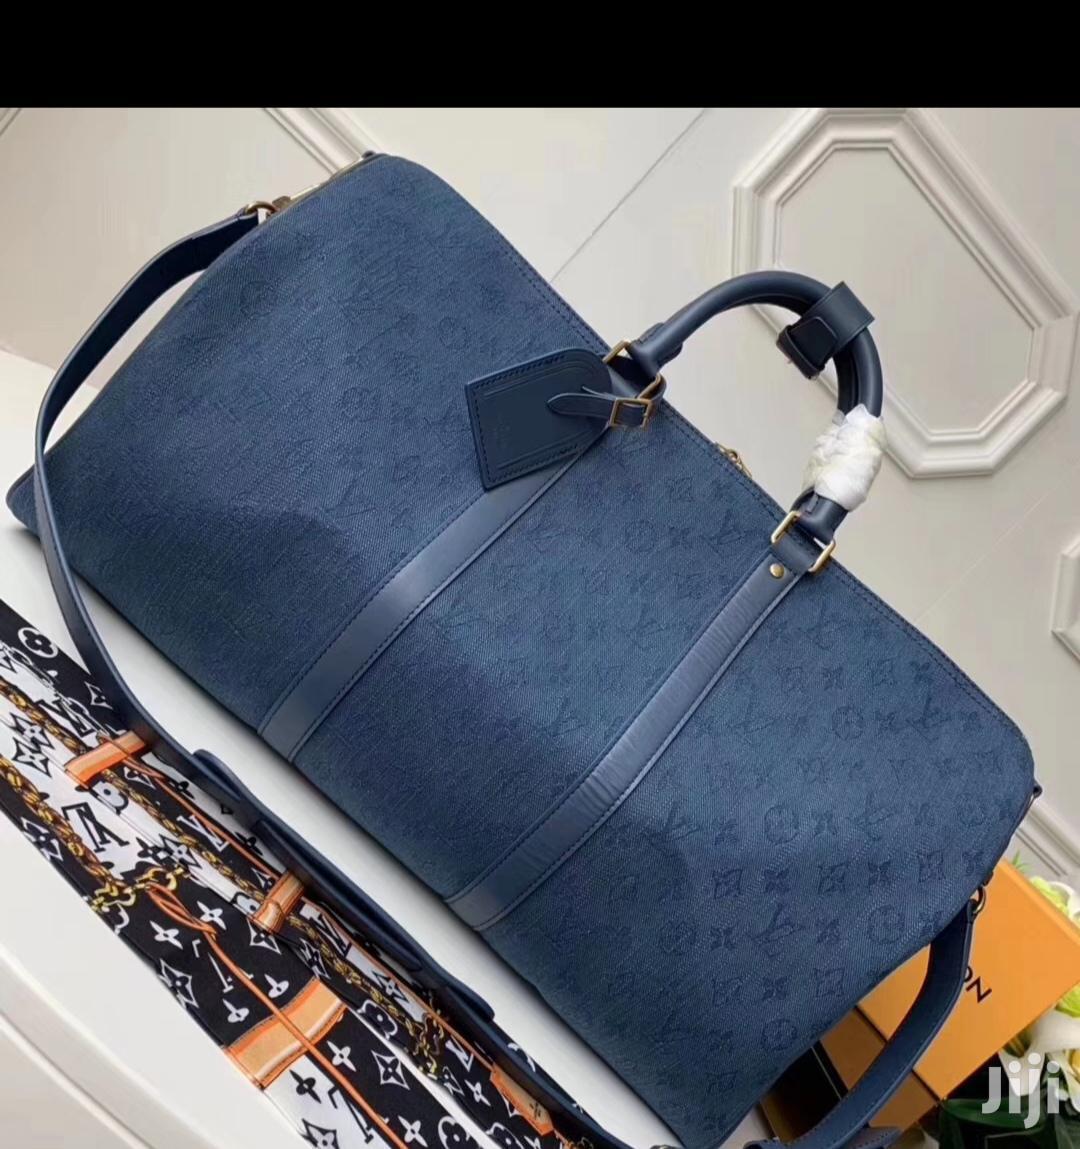 Original Designer Louis Vuitton Bag